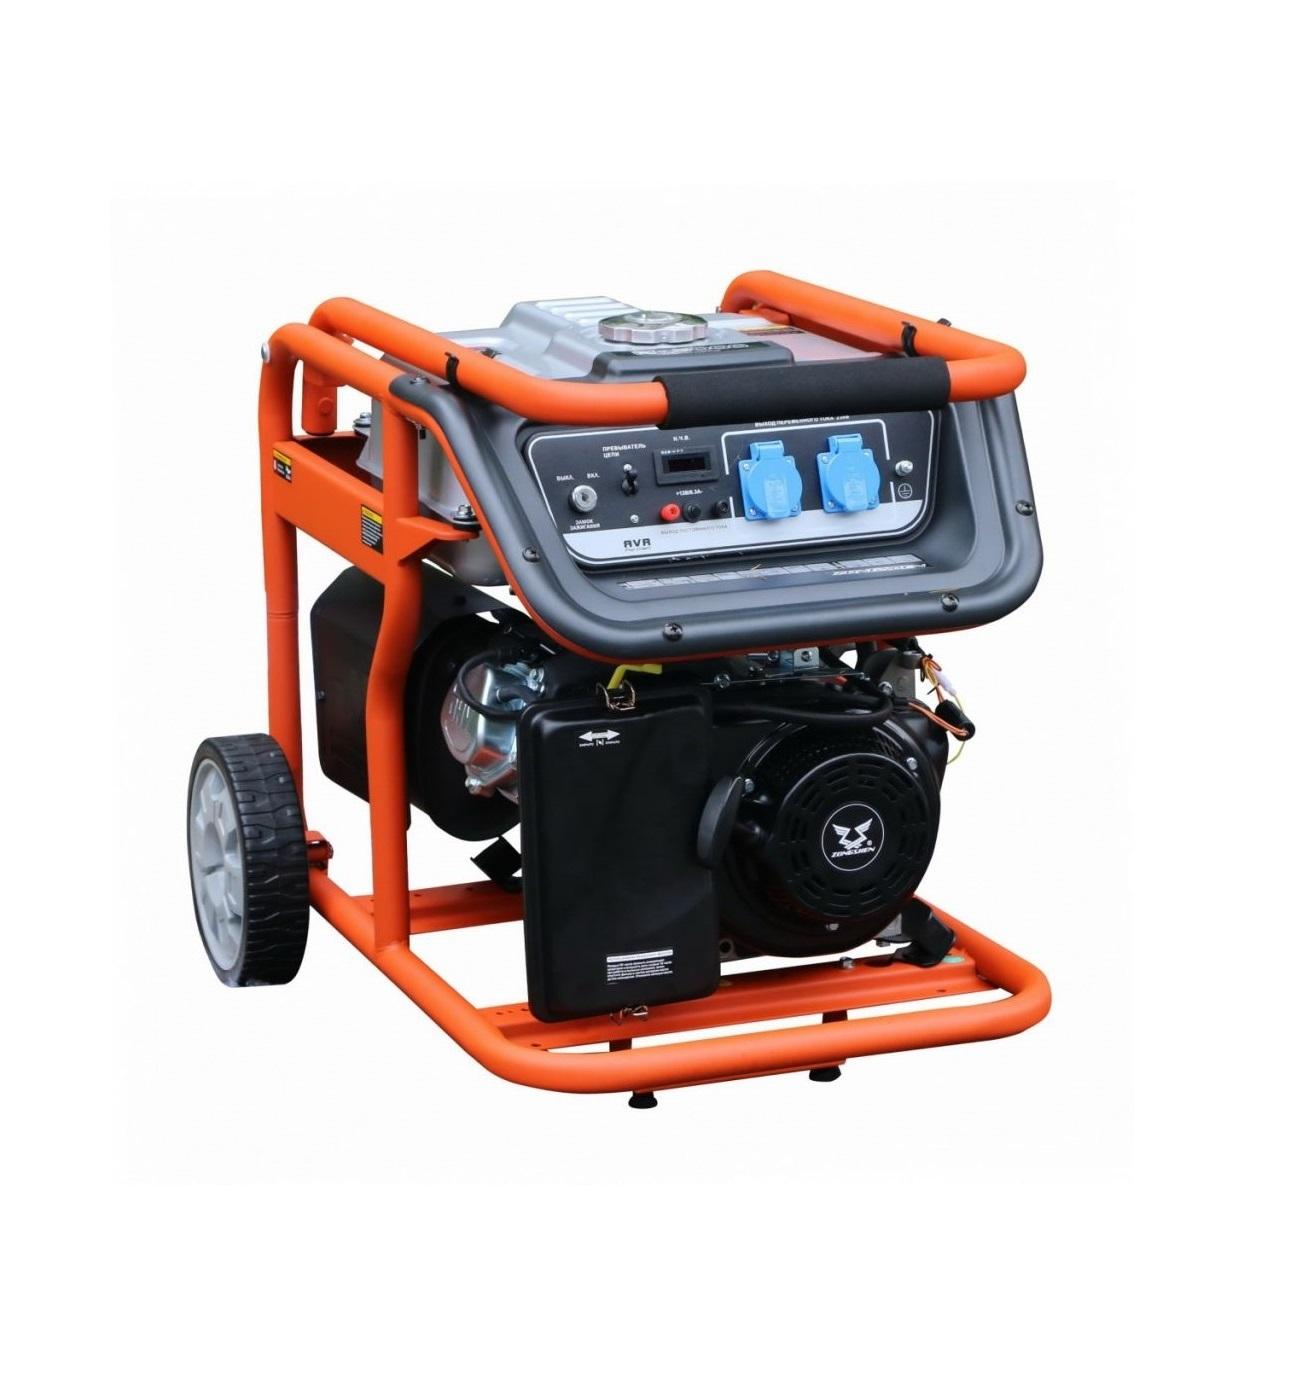 Бензиновый генератор (Бензогенератор) Zongshen KB 3000 E